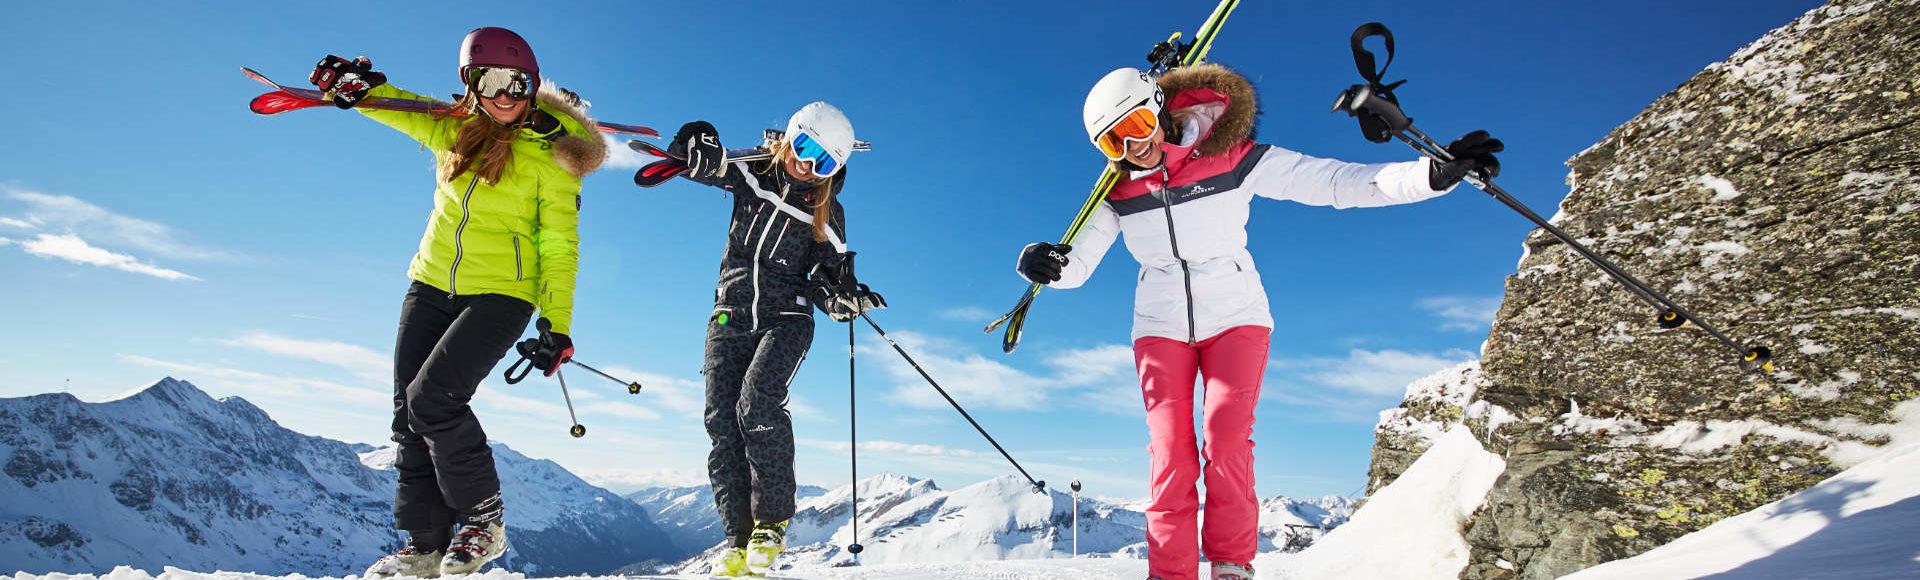 Angebote & Last Minute · Andi's Skihotel in Obertauern